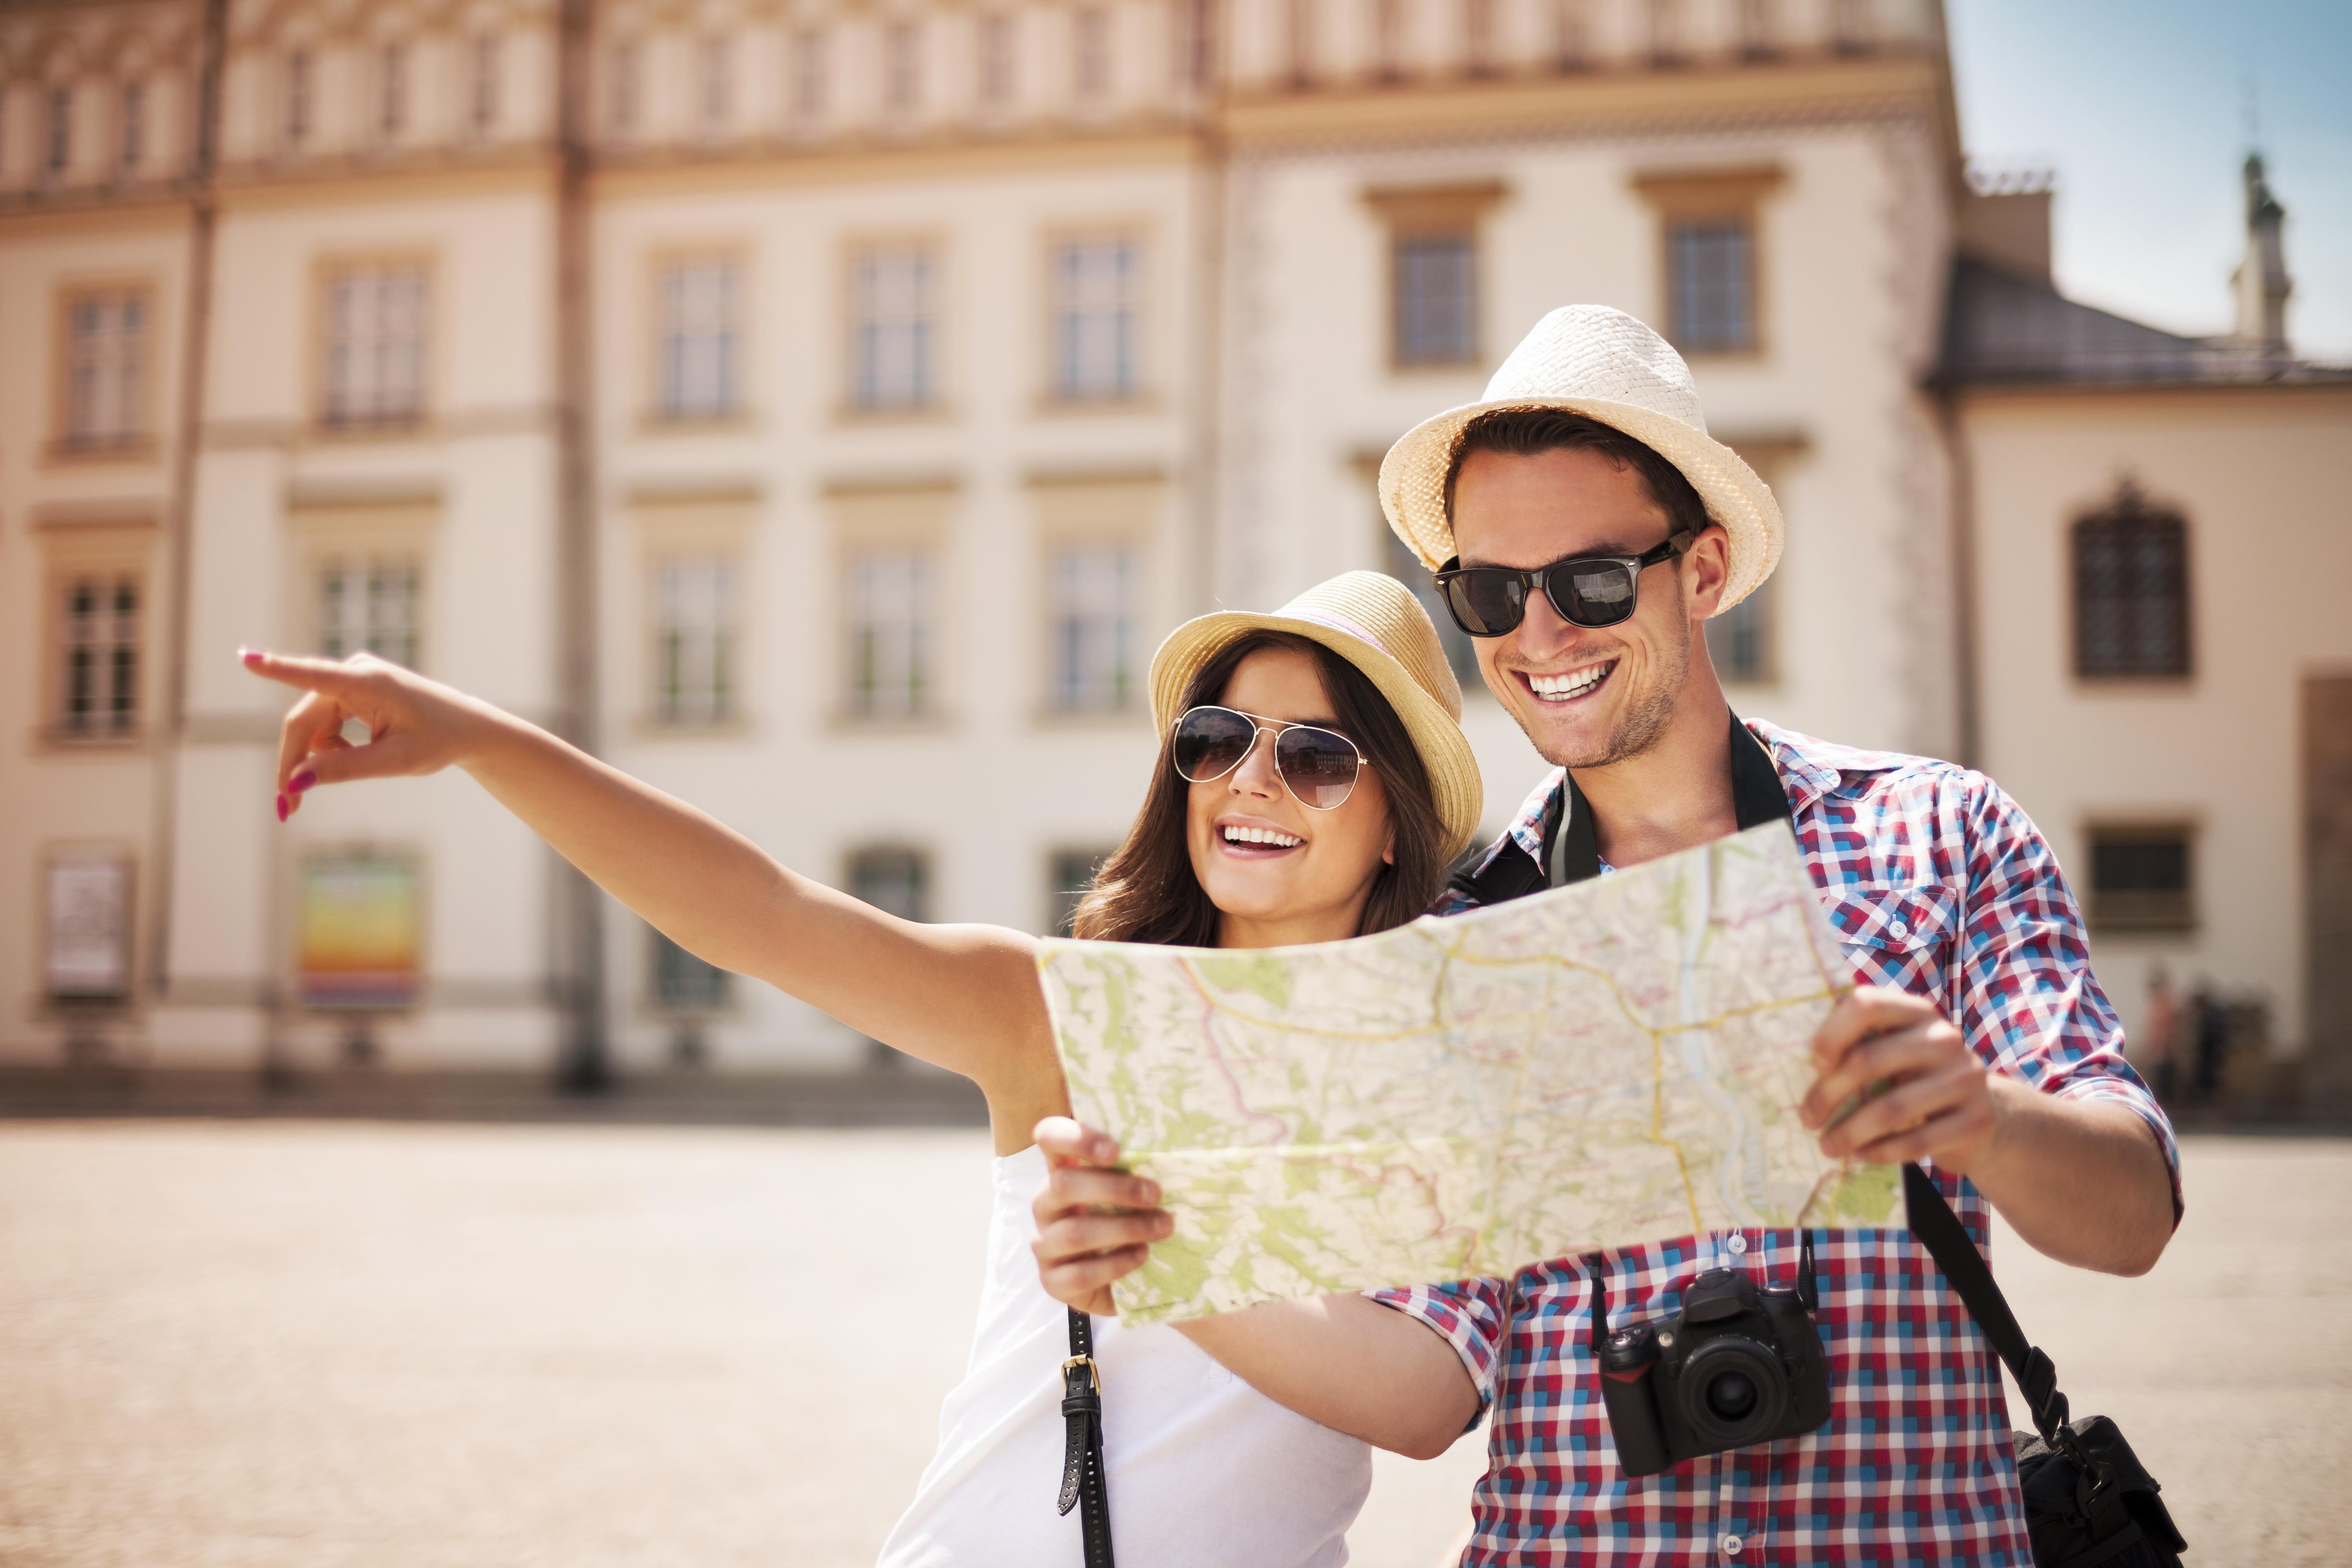 Картинка: Парень, девушка, фотоаппарат, карта, путешествие, улыбка, радость